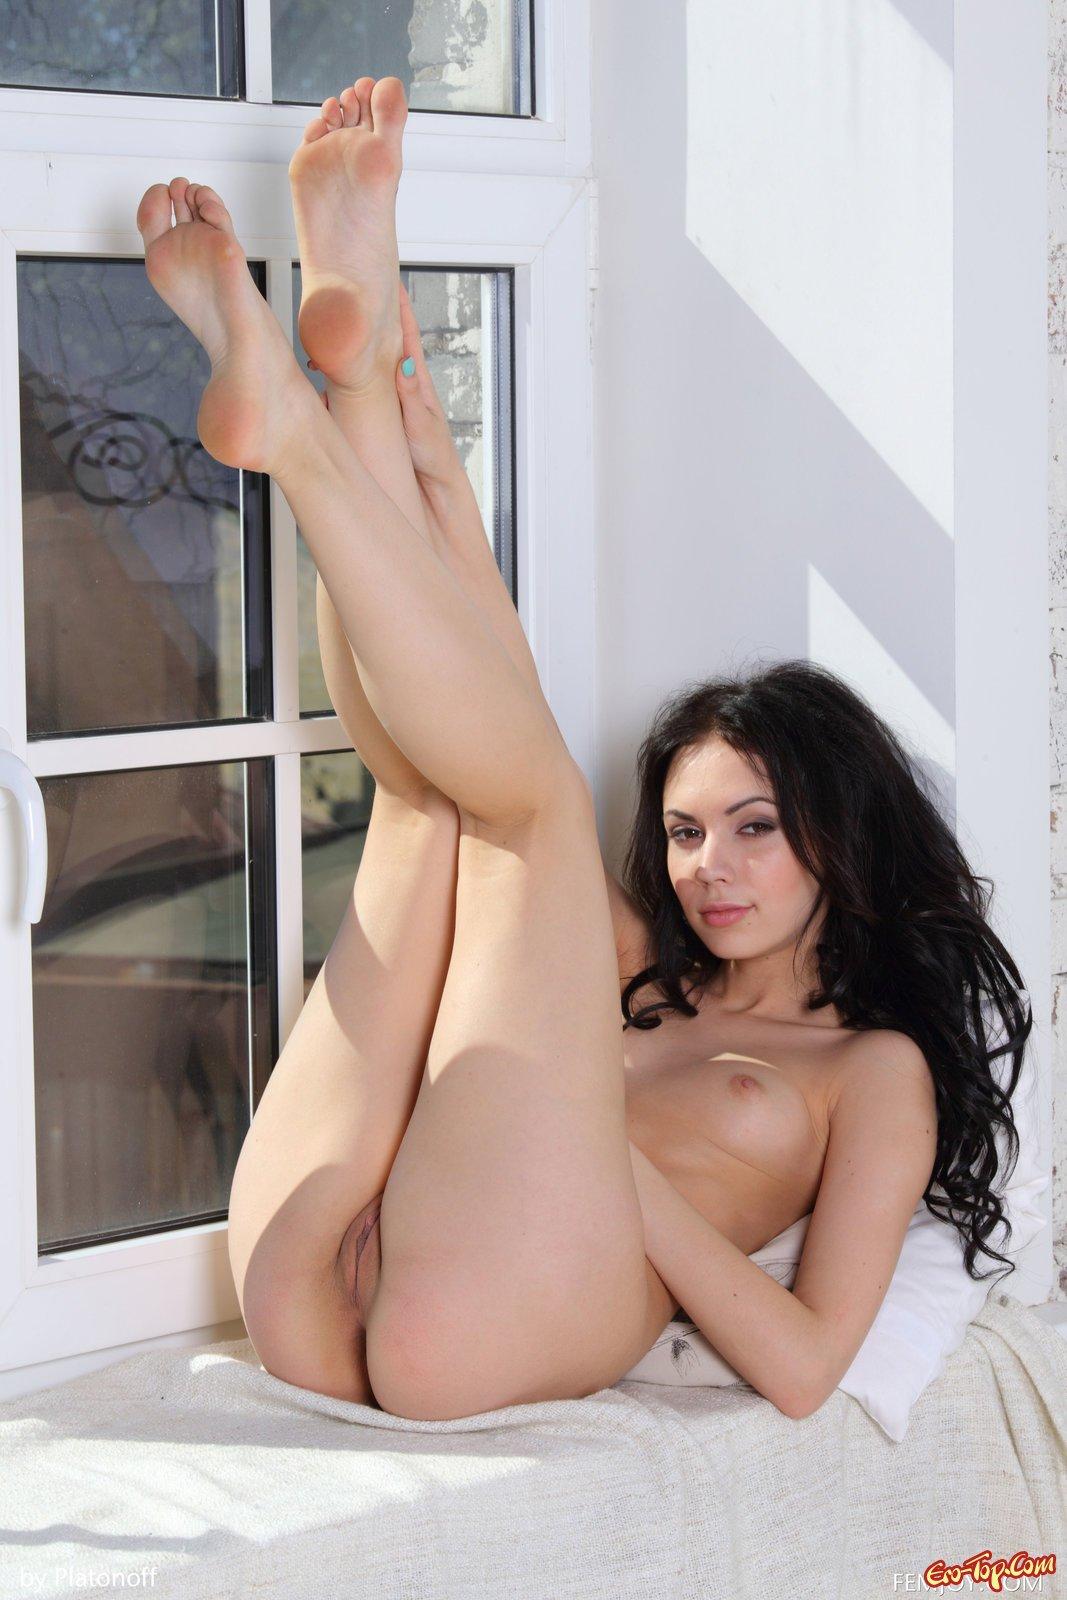 Сексуальная голая брюнетка